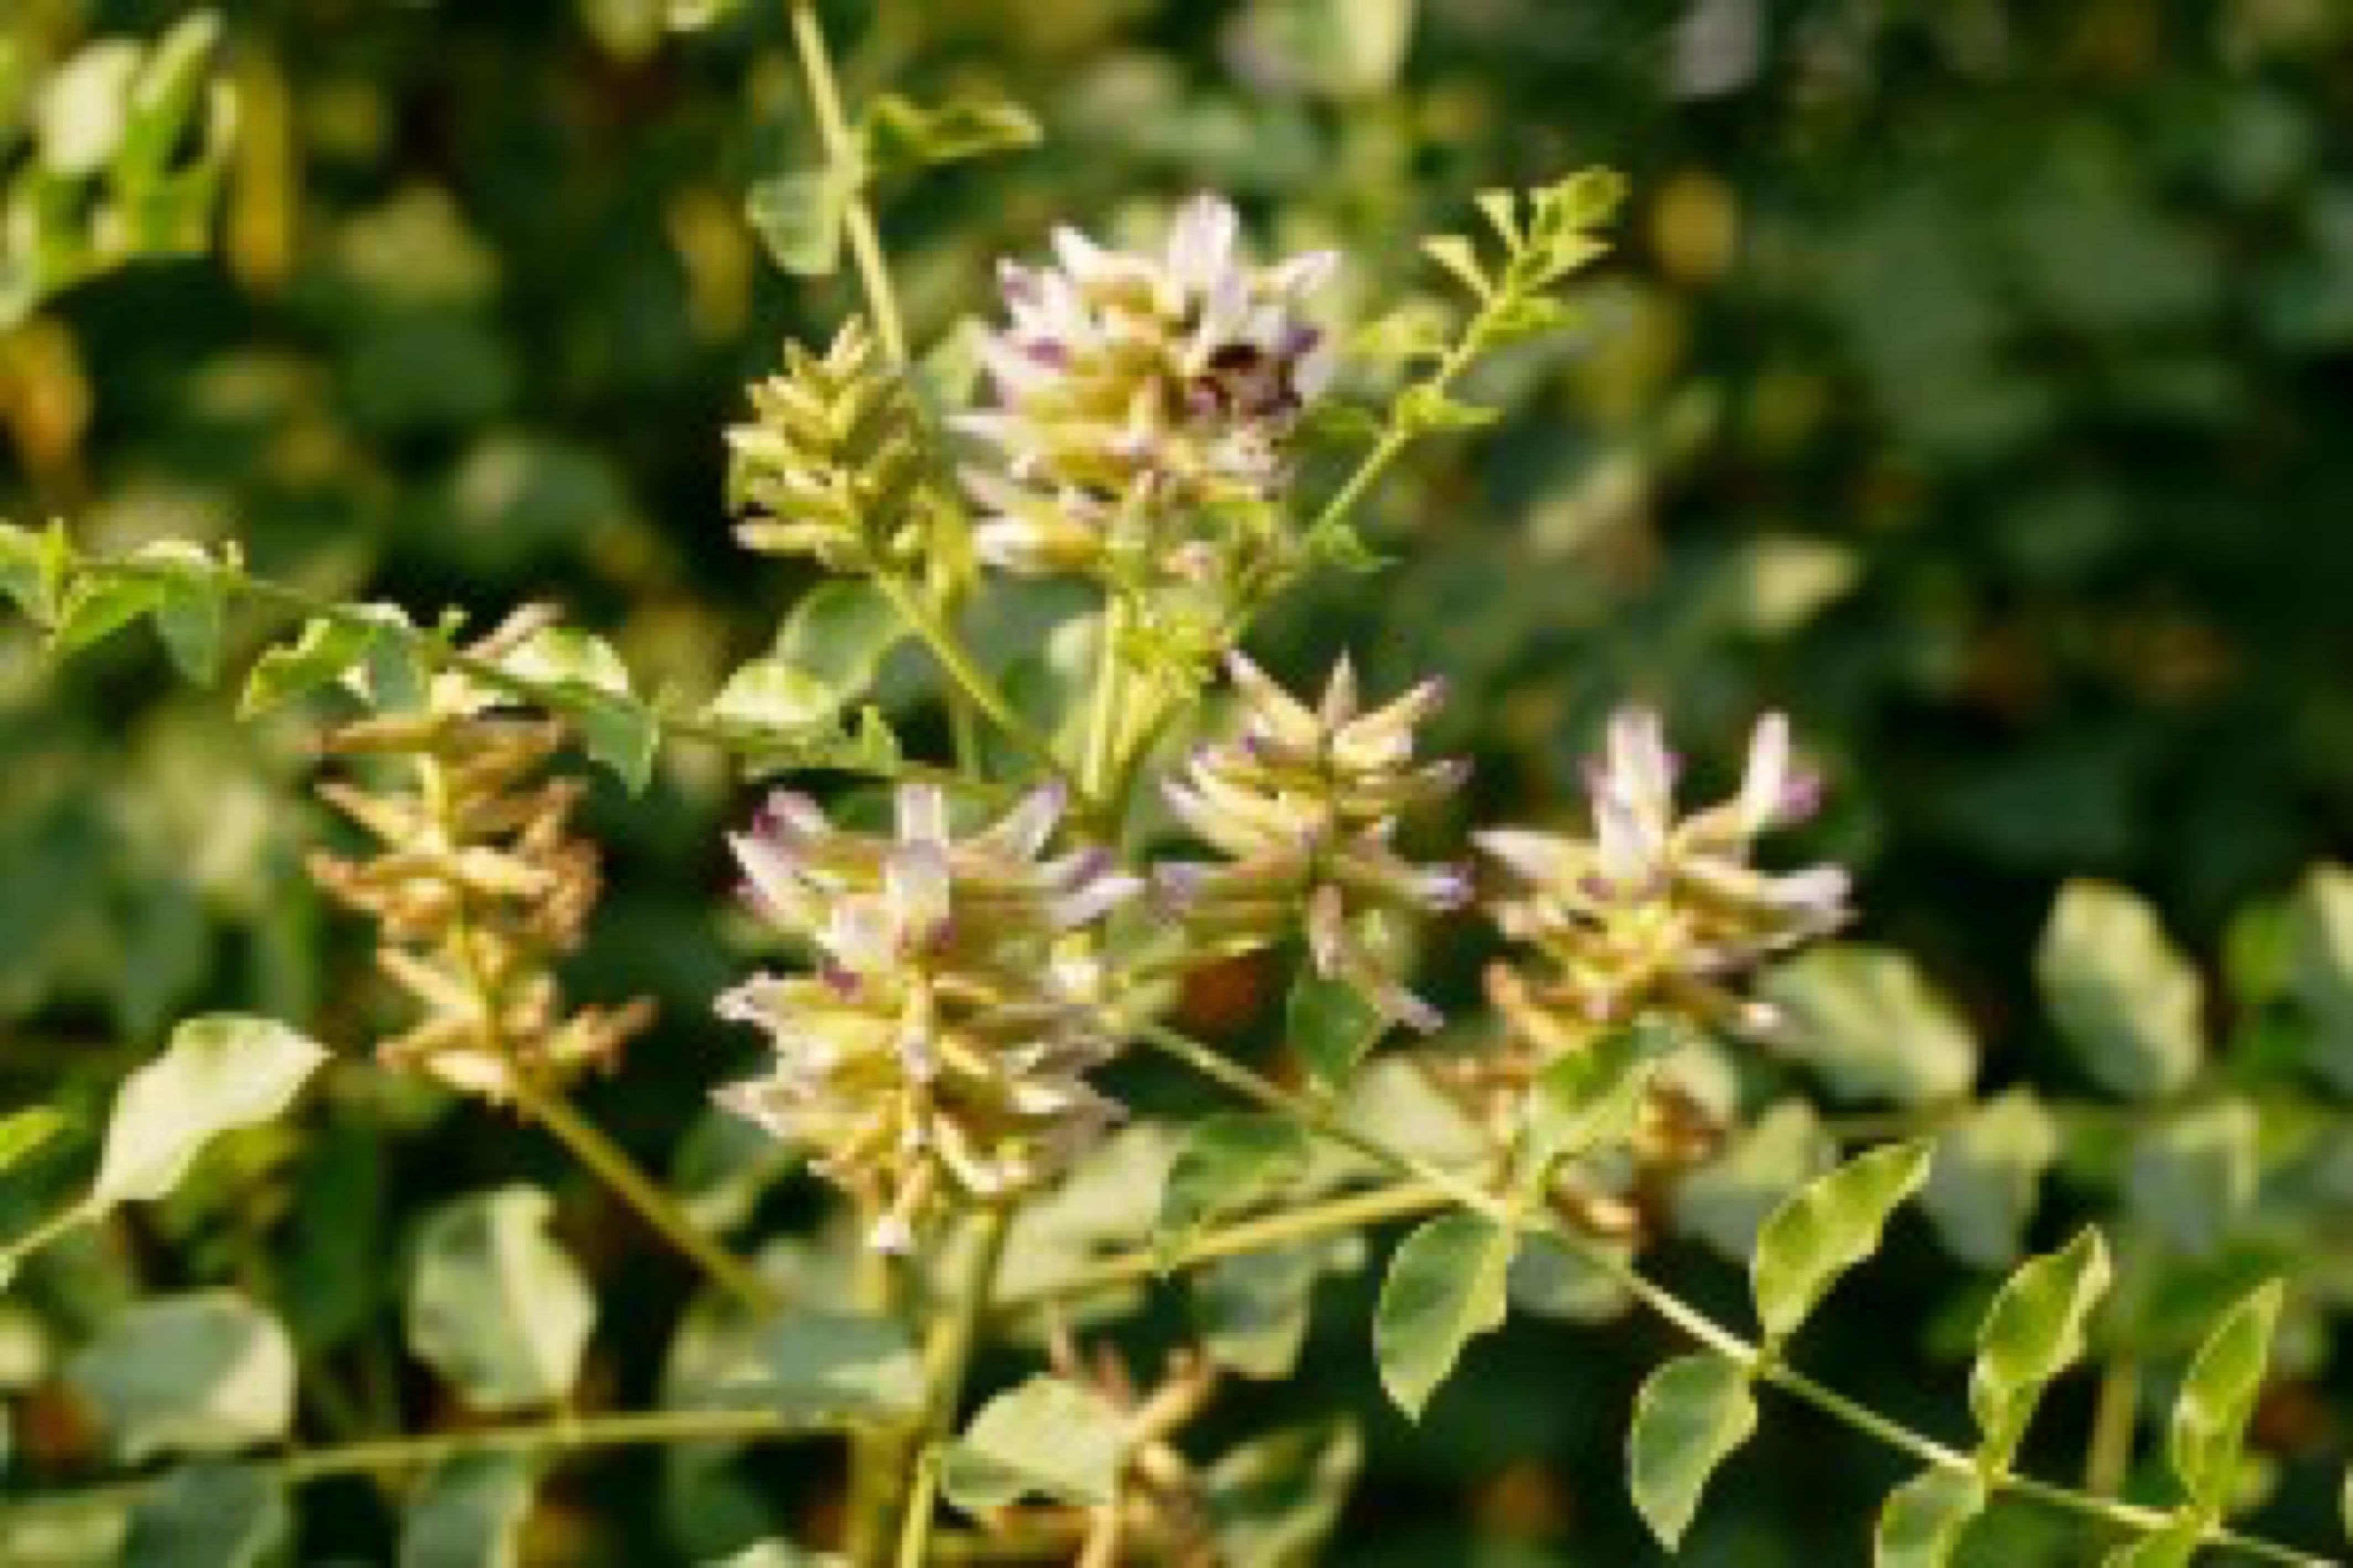 Liquorice ( Glycyrrhiza glabra ) plant and flower